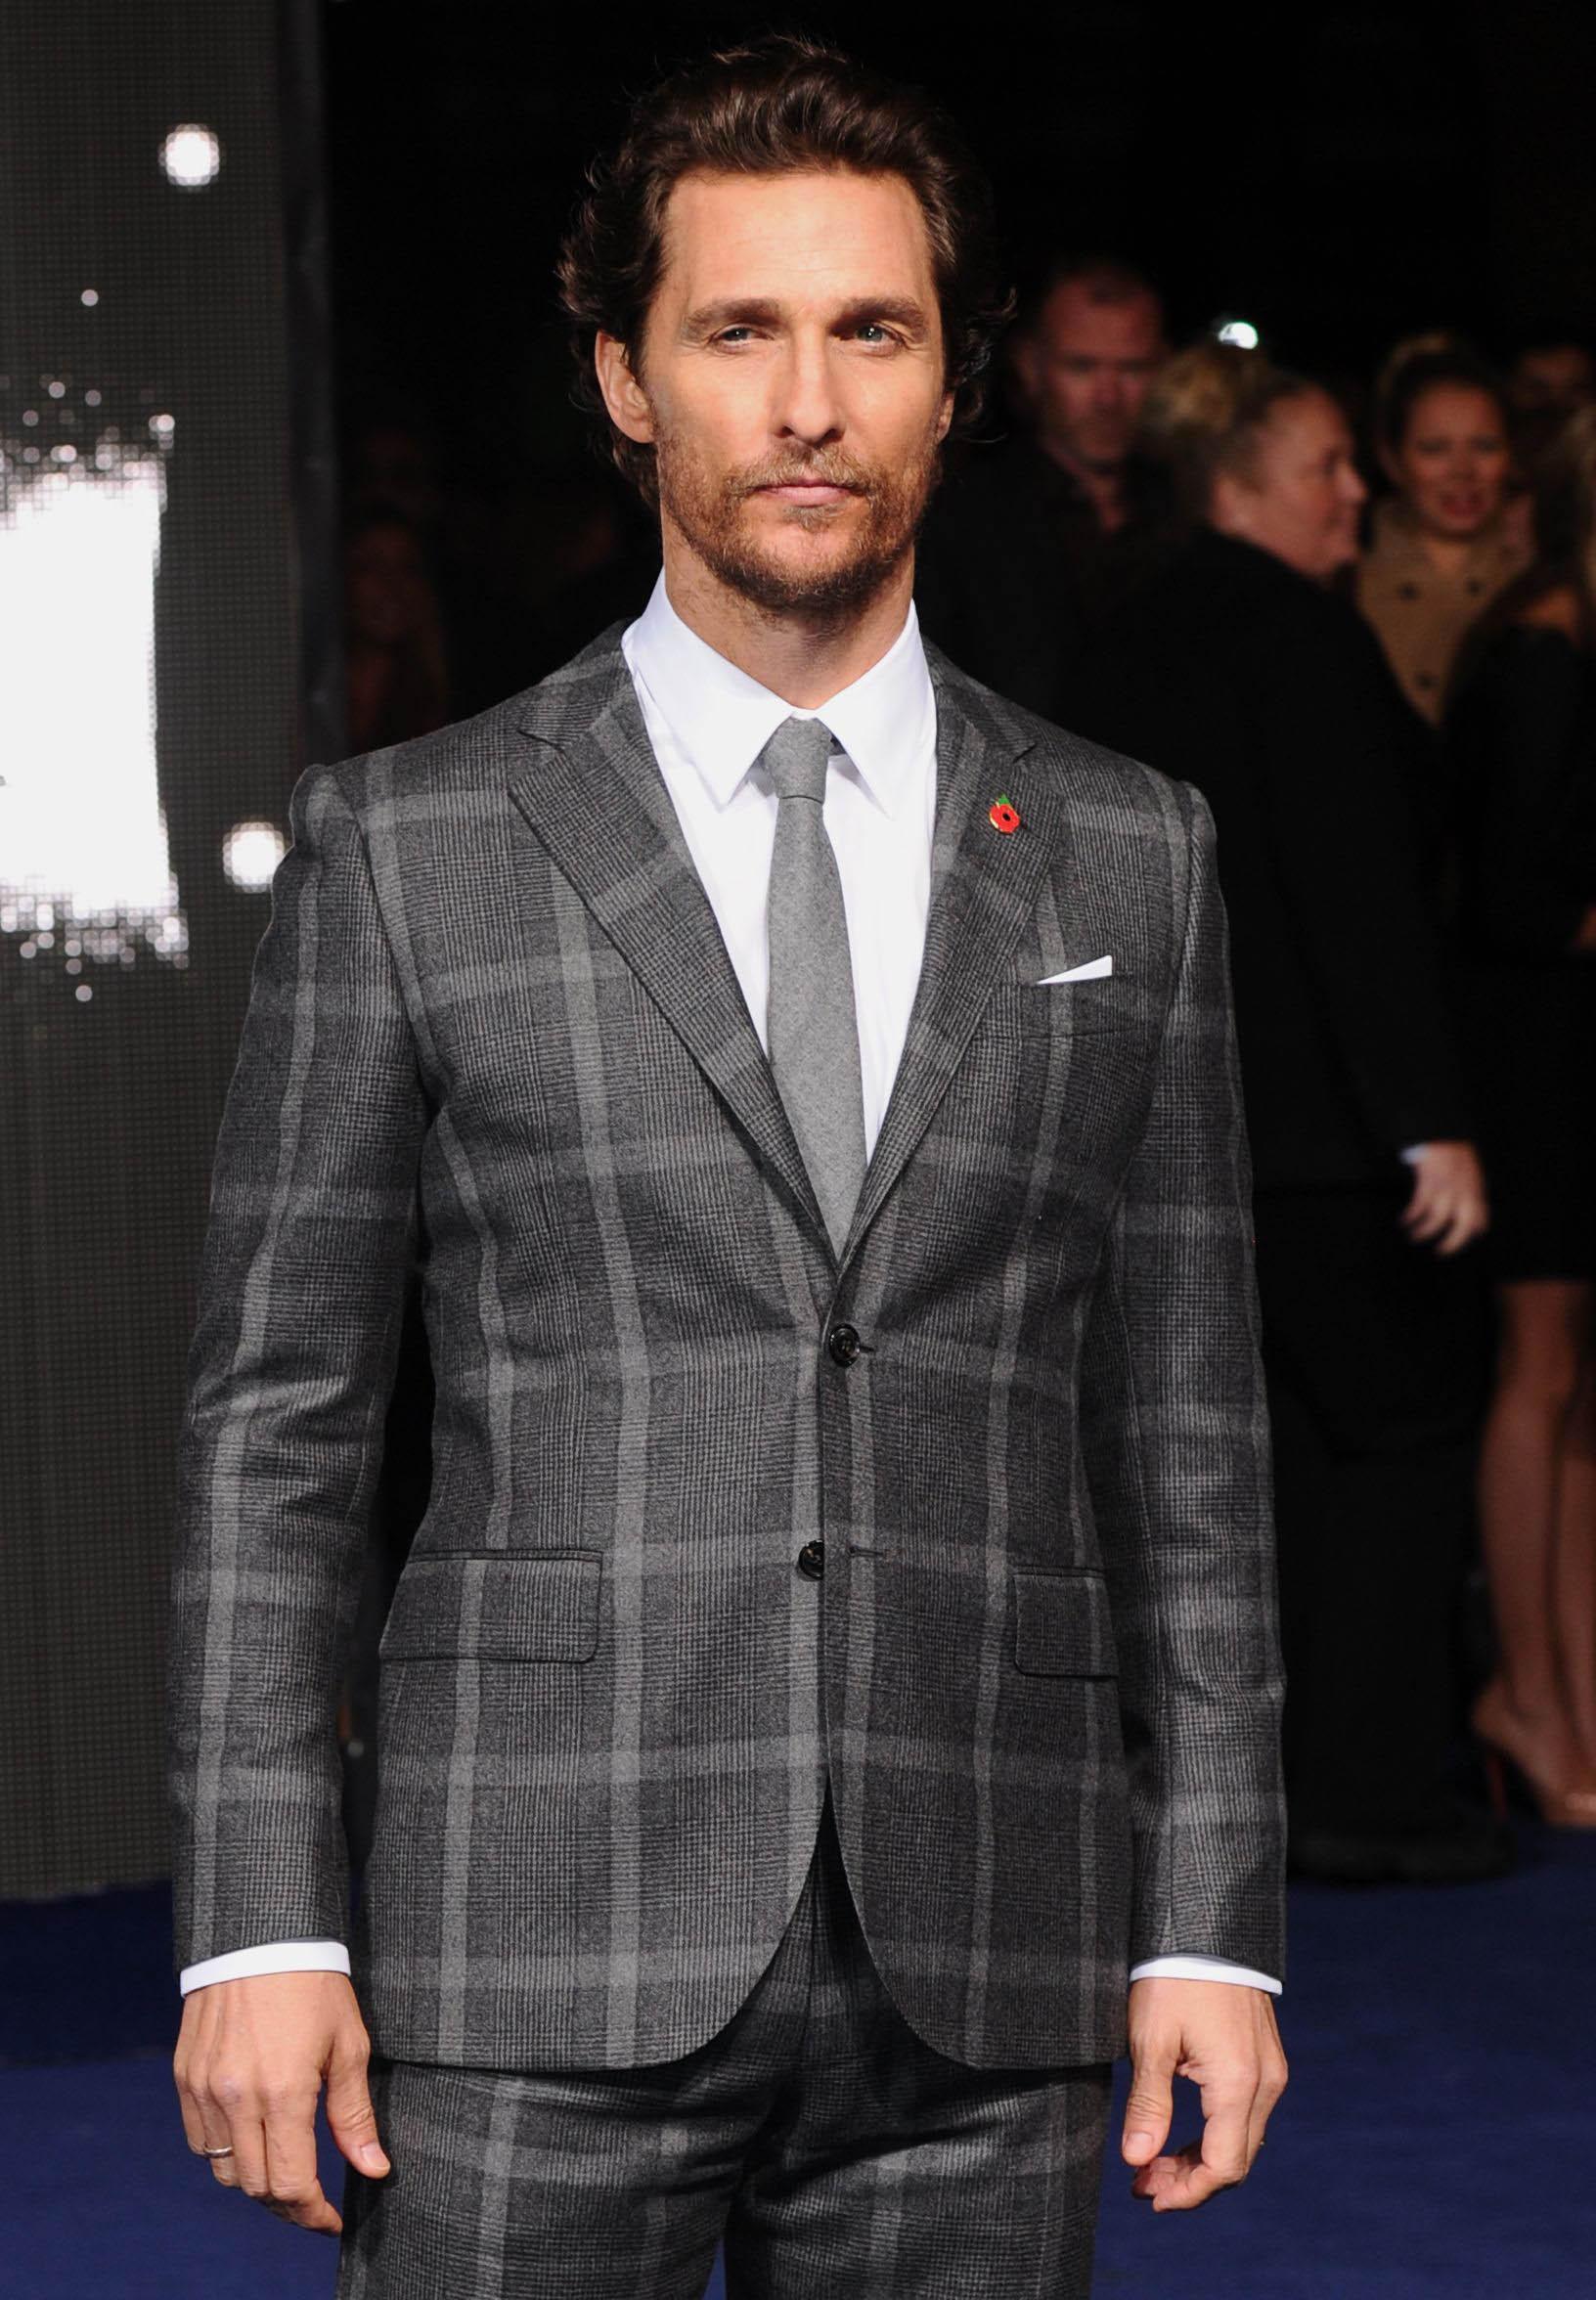 'Interstellar' film premiere, London, Britain - 29 Oct 2014